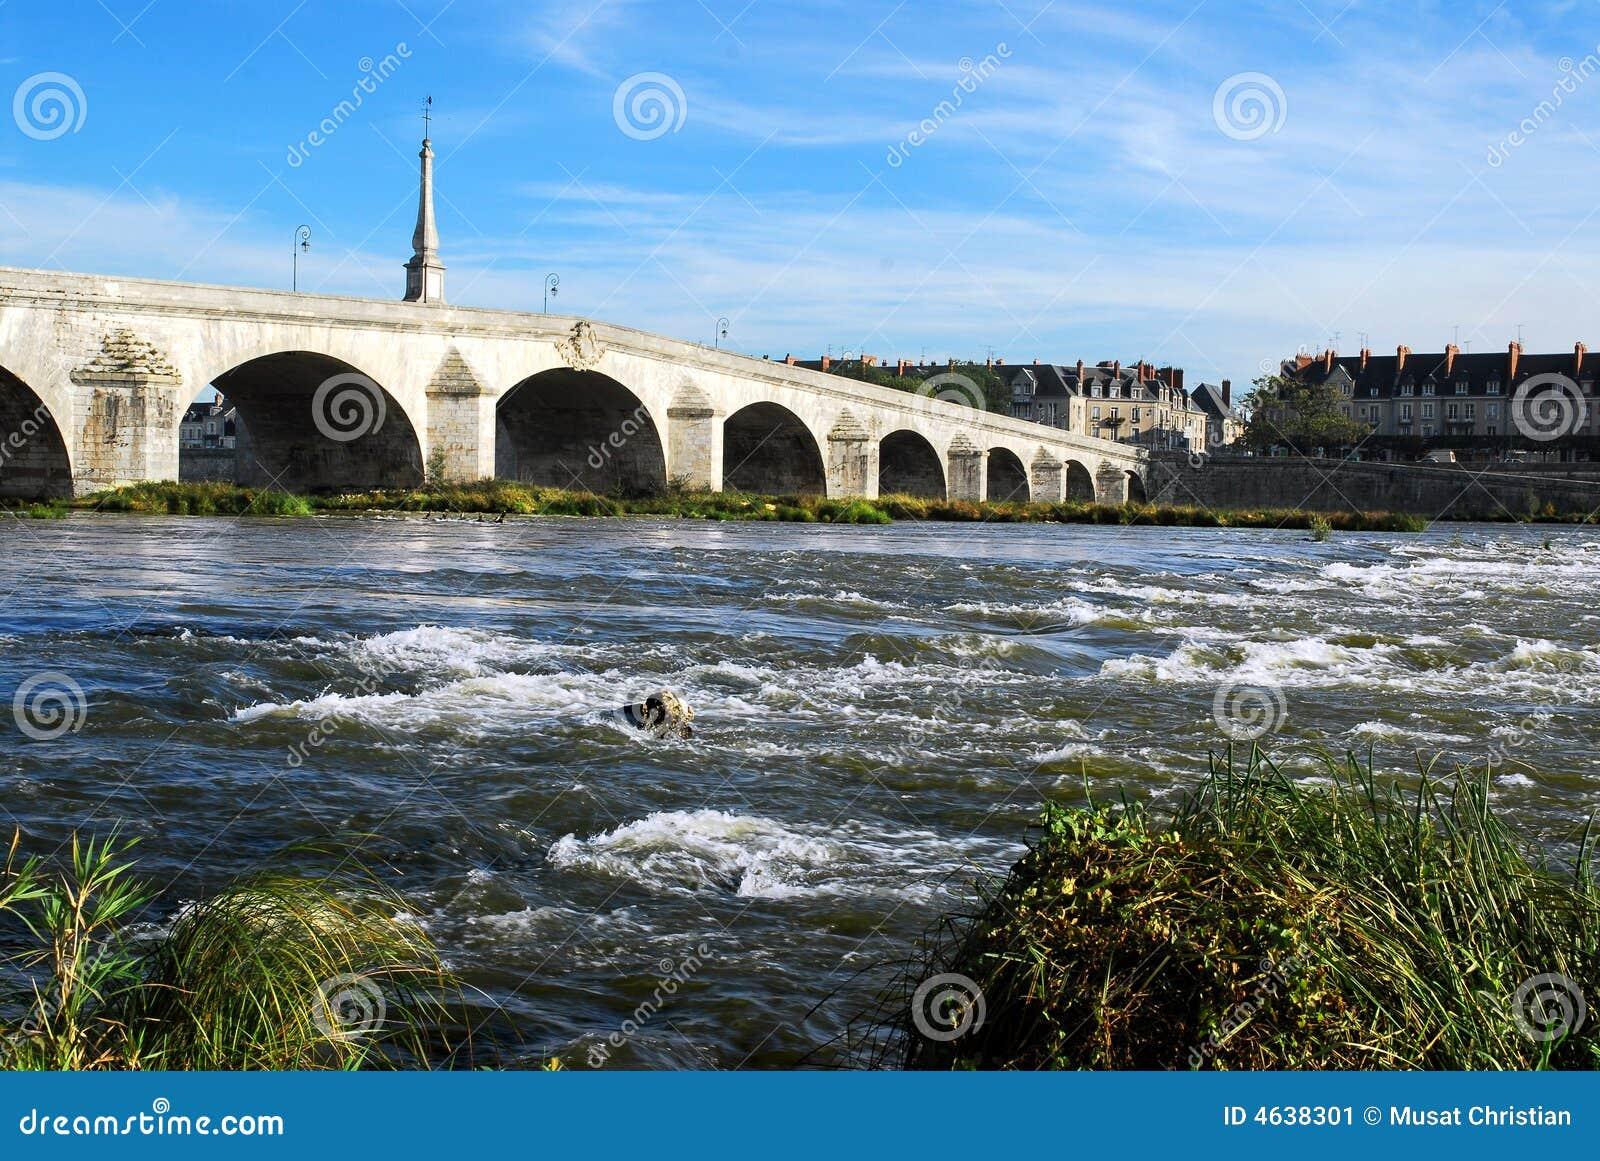 Ponte em Blois